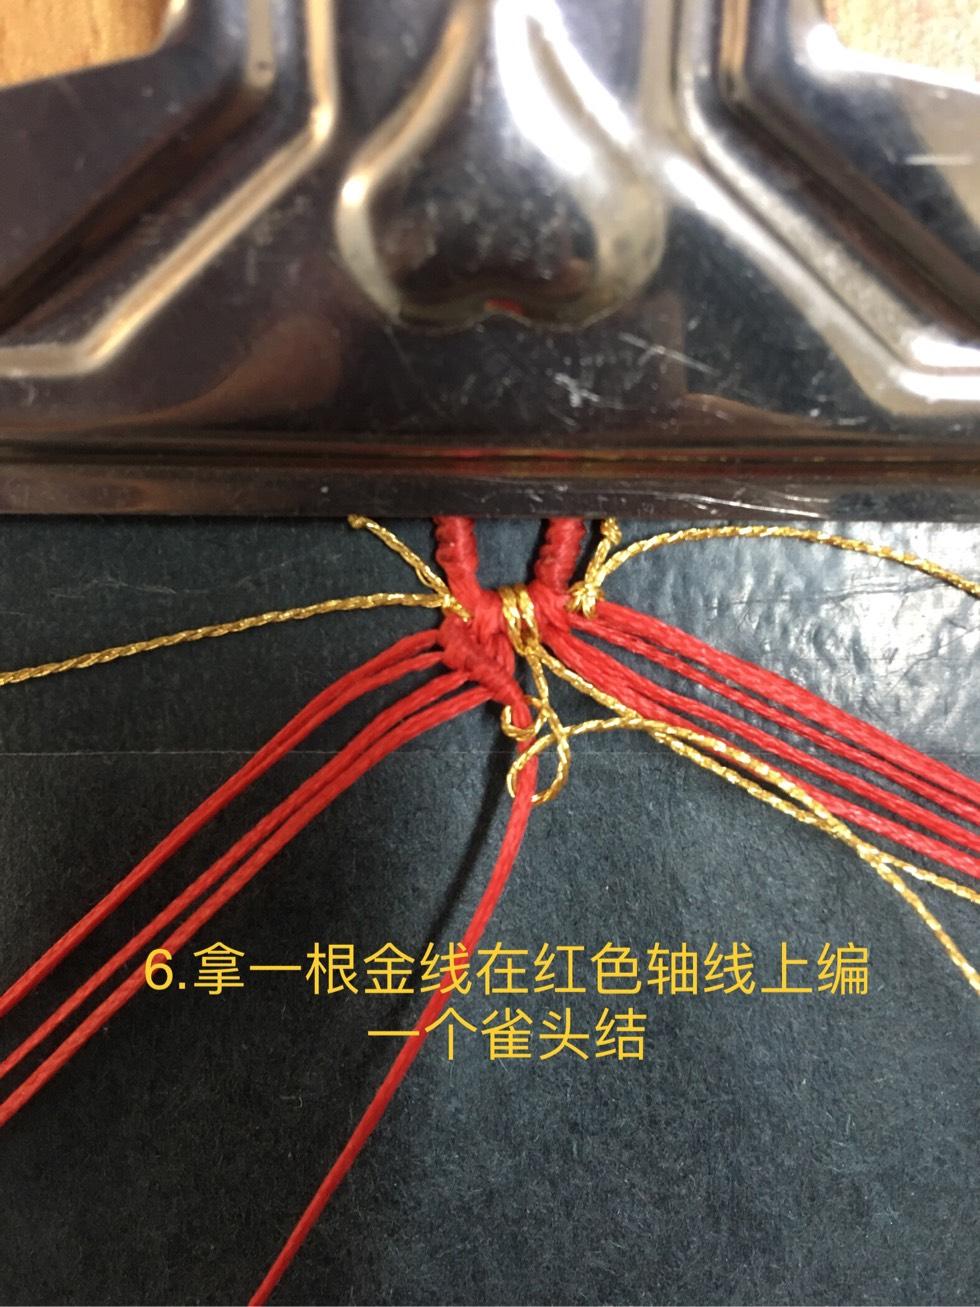 中国结论坛 金线包边手绳手链教程 手链,教程,金线红绳手链编织,金线手绳编法,金线手链编织教程 图文教程区 230406g7wu00uy2m5t7qsx